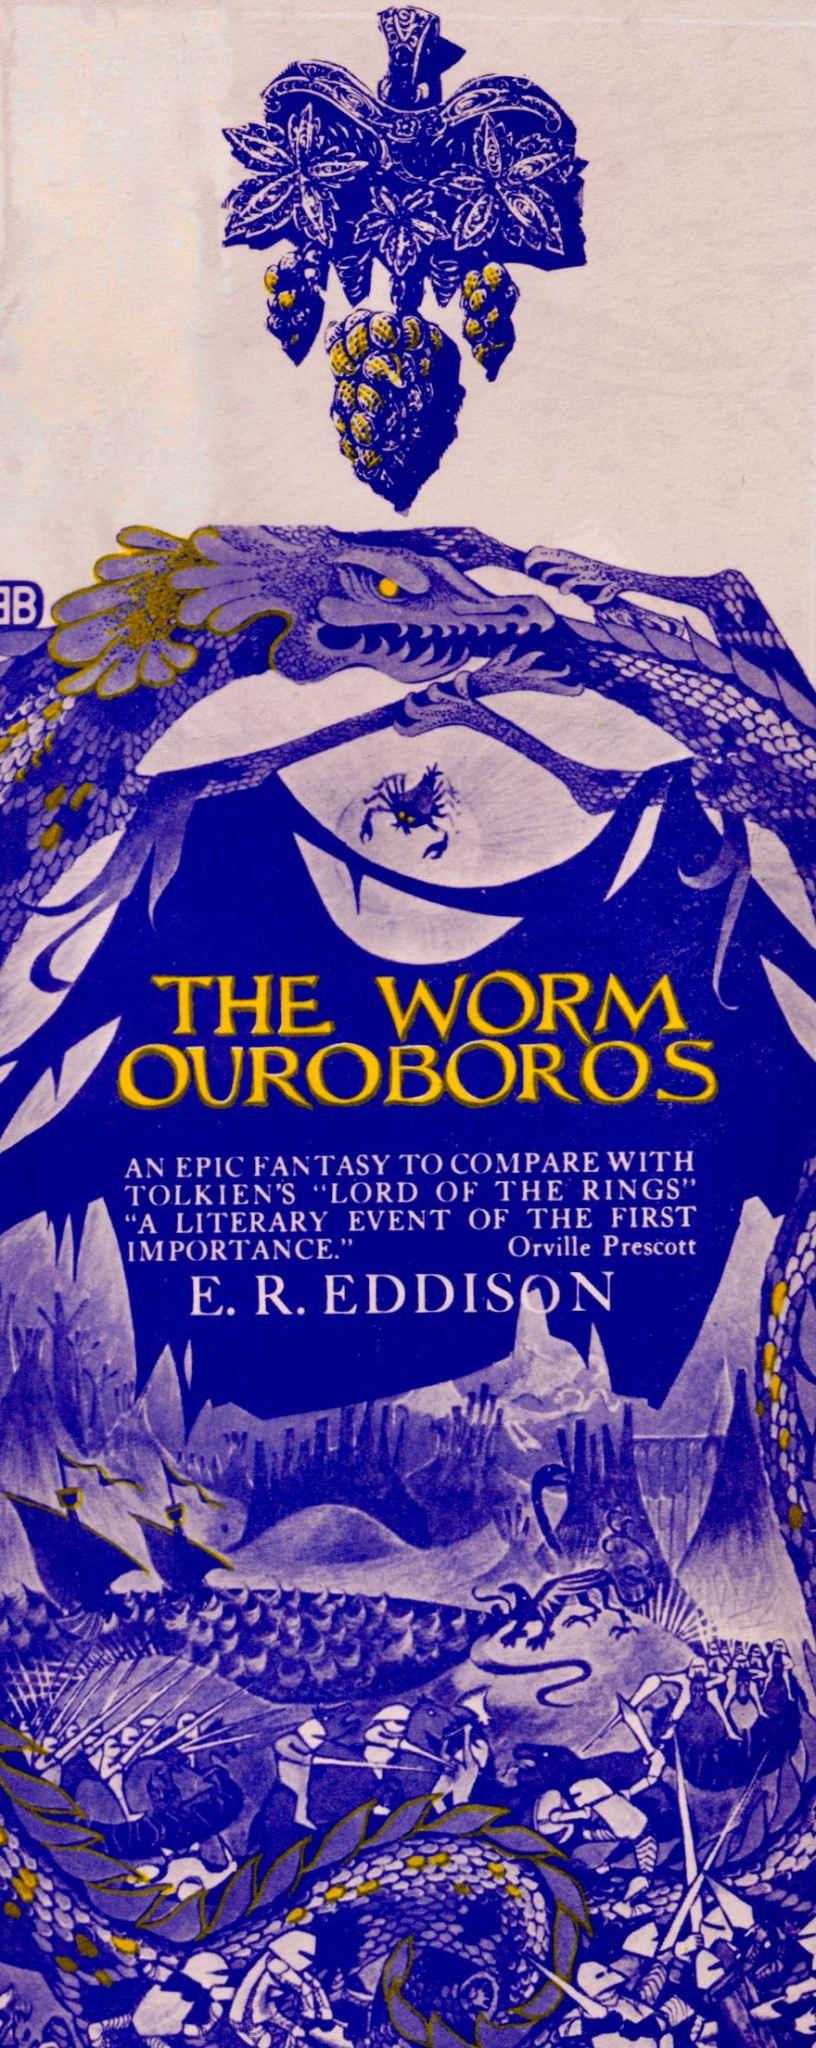 oz_38_worm_ouroboros_eddison